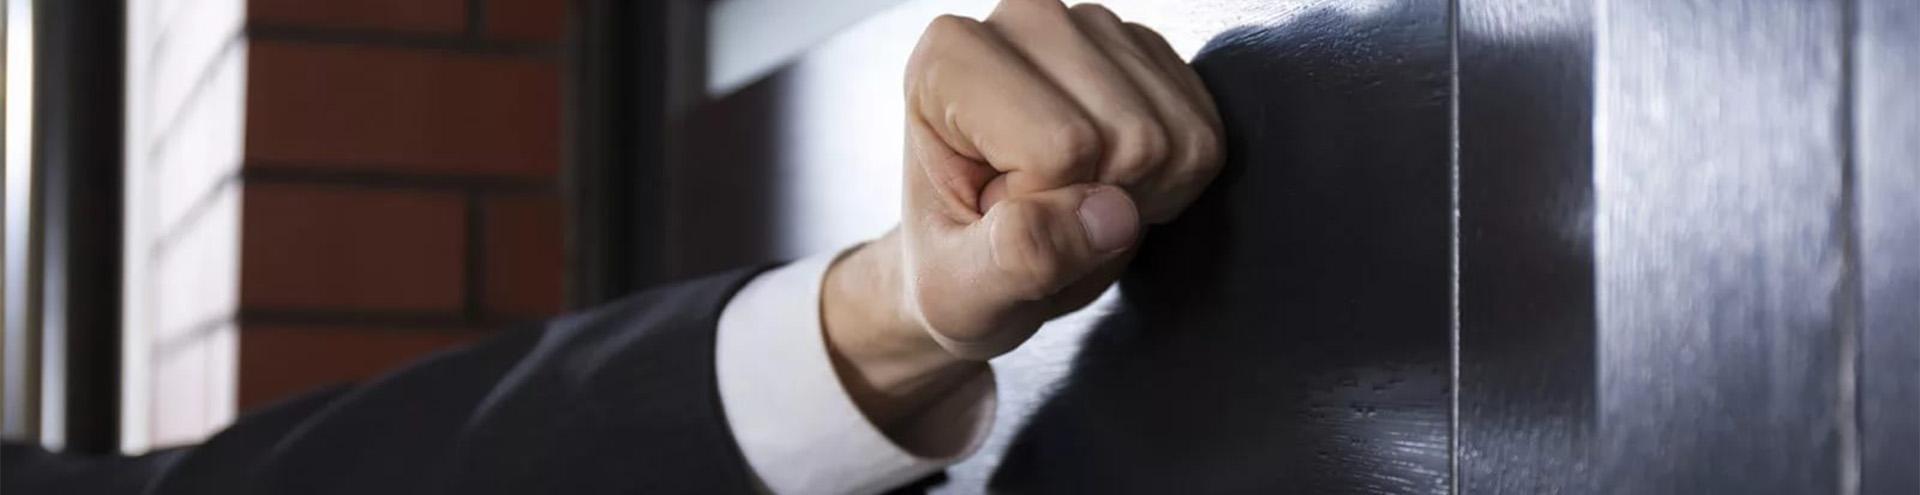 защита заемщика от коллекторов в Липецке и Липецкой области